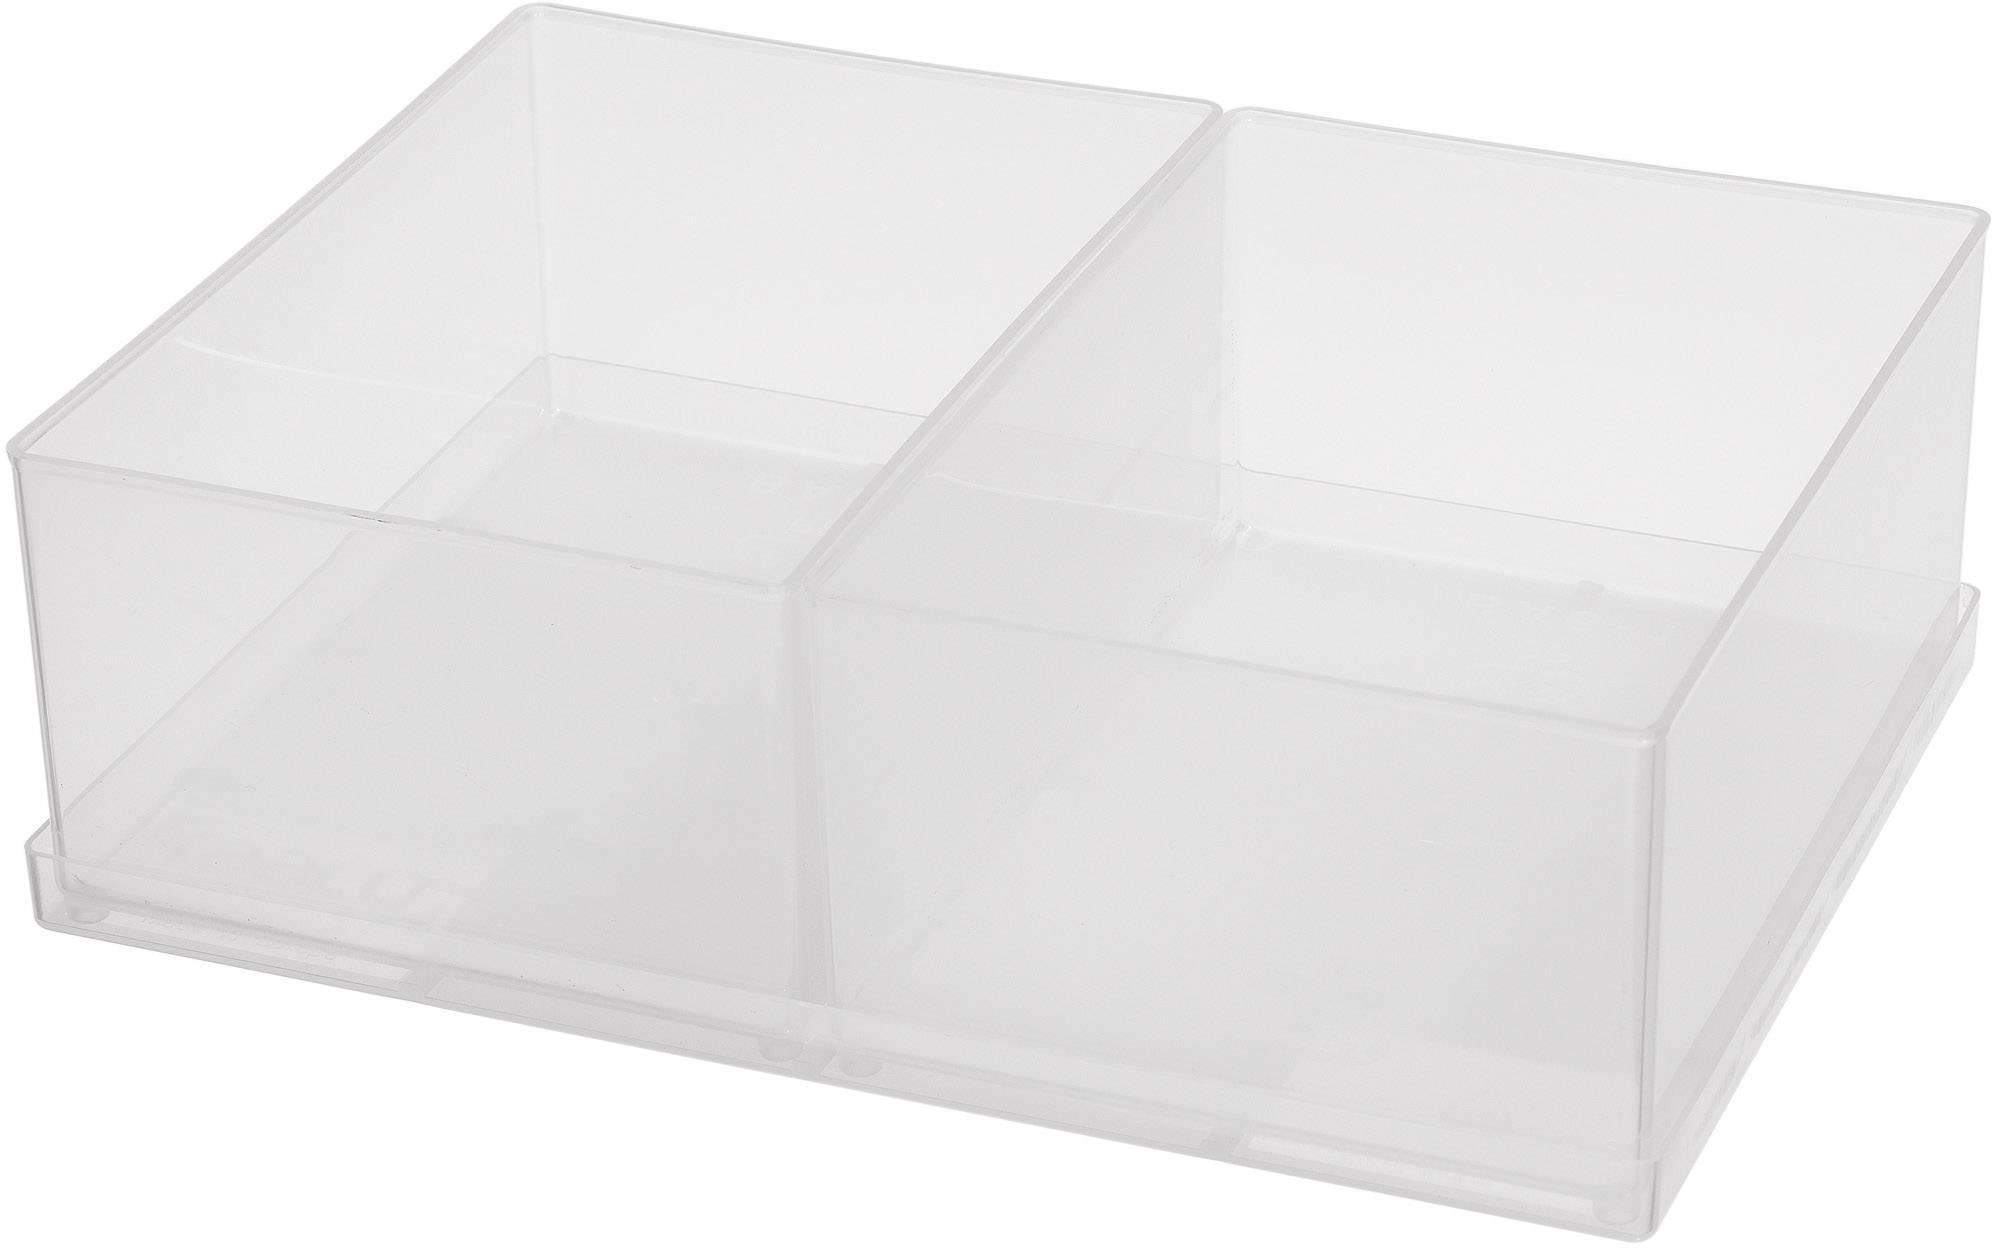 raaco 80 2xBA6-1 sortirni kovček-vložek (Š x V x G) 220 x 69 x 160 mm    1 kos